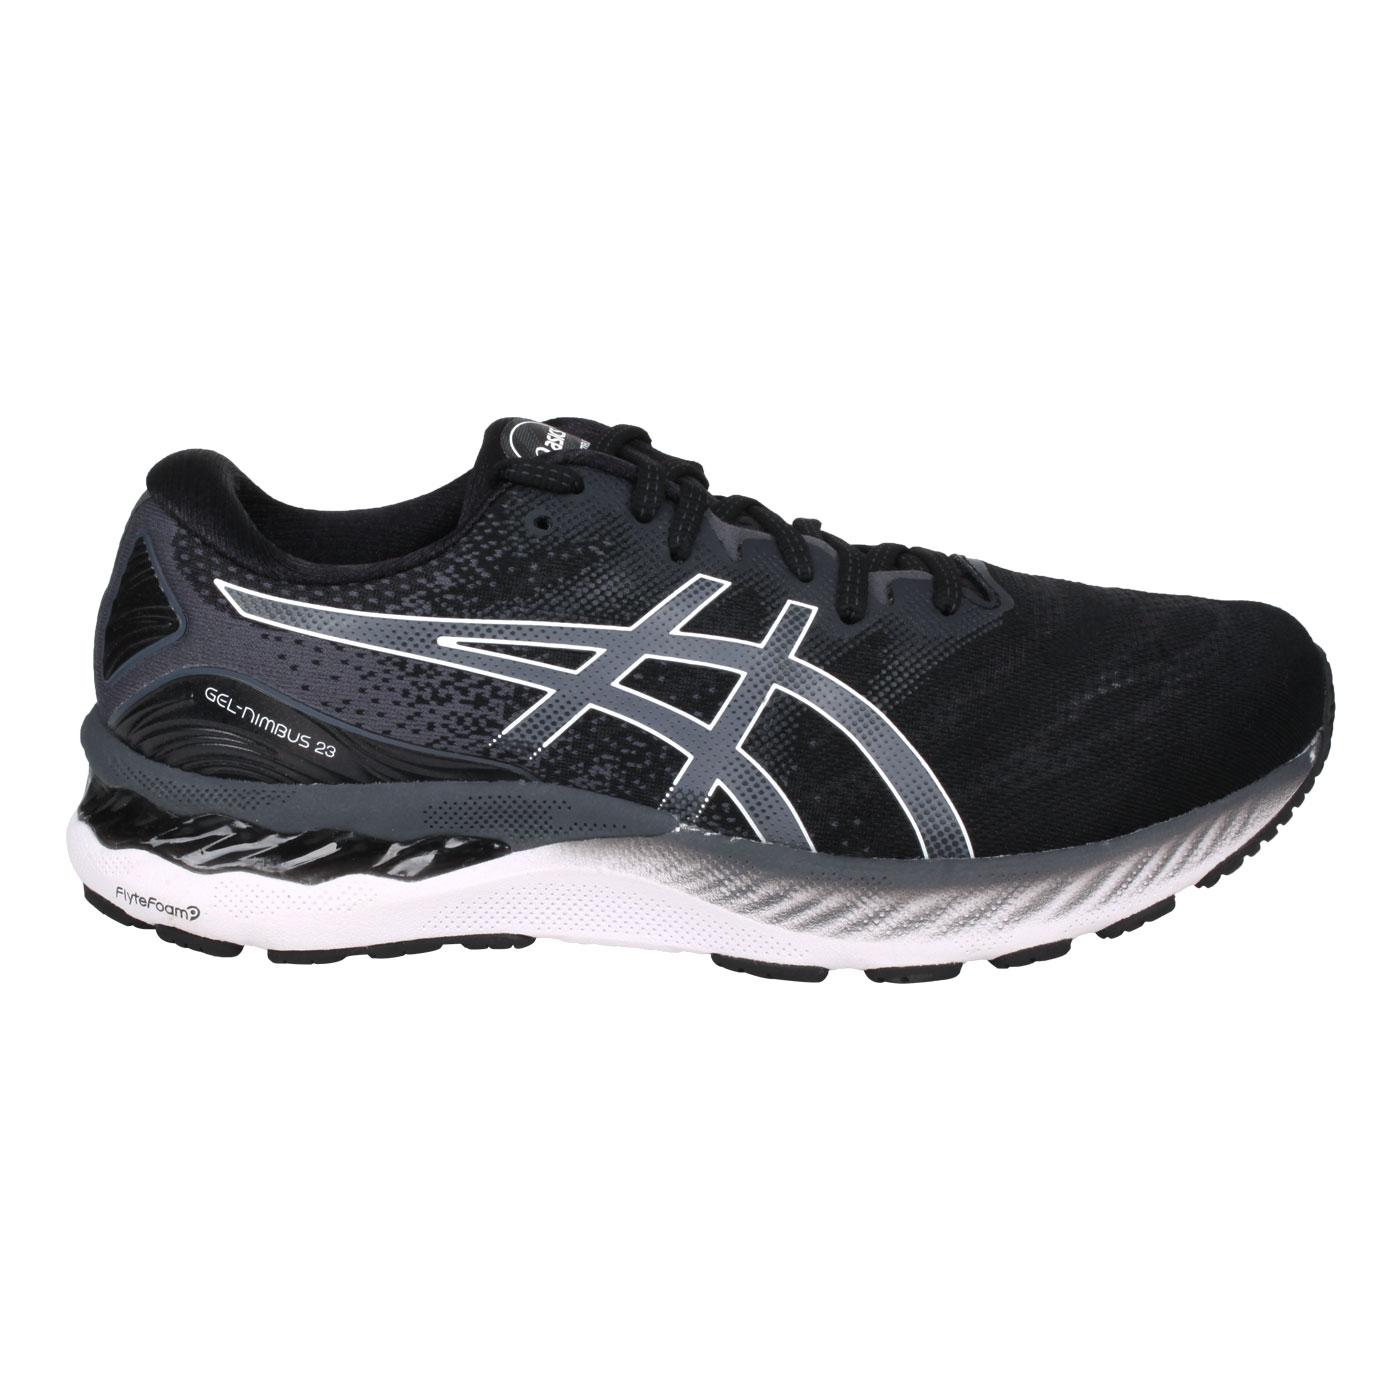 ASICS 男款慢跑鞋-4E  @GEL-NIMBUS 23@1011B005-001